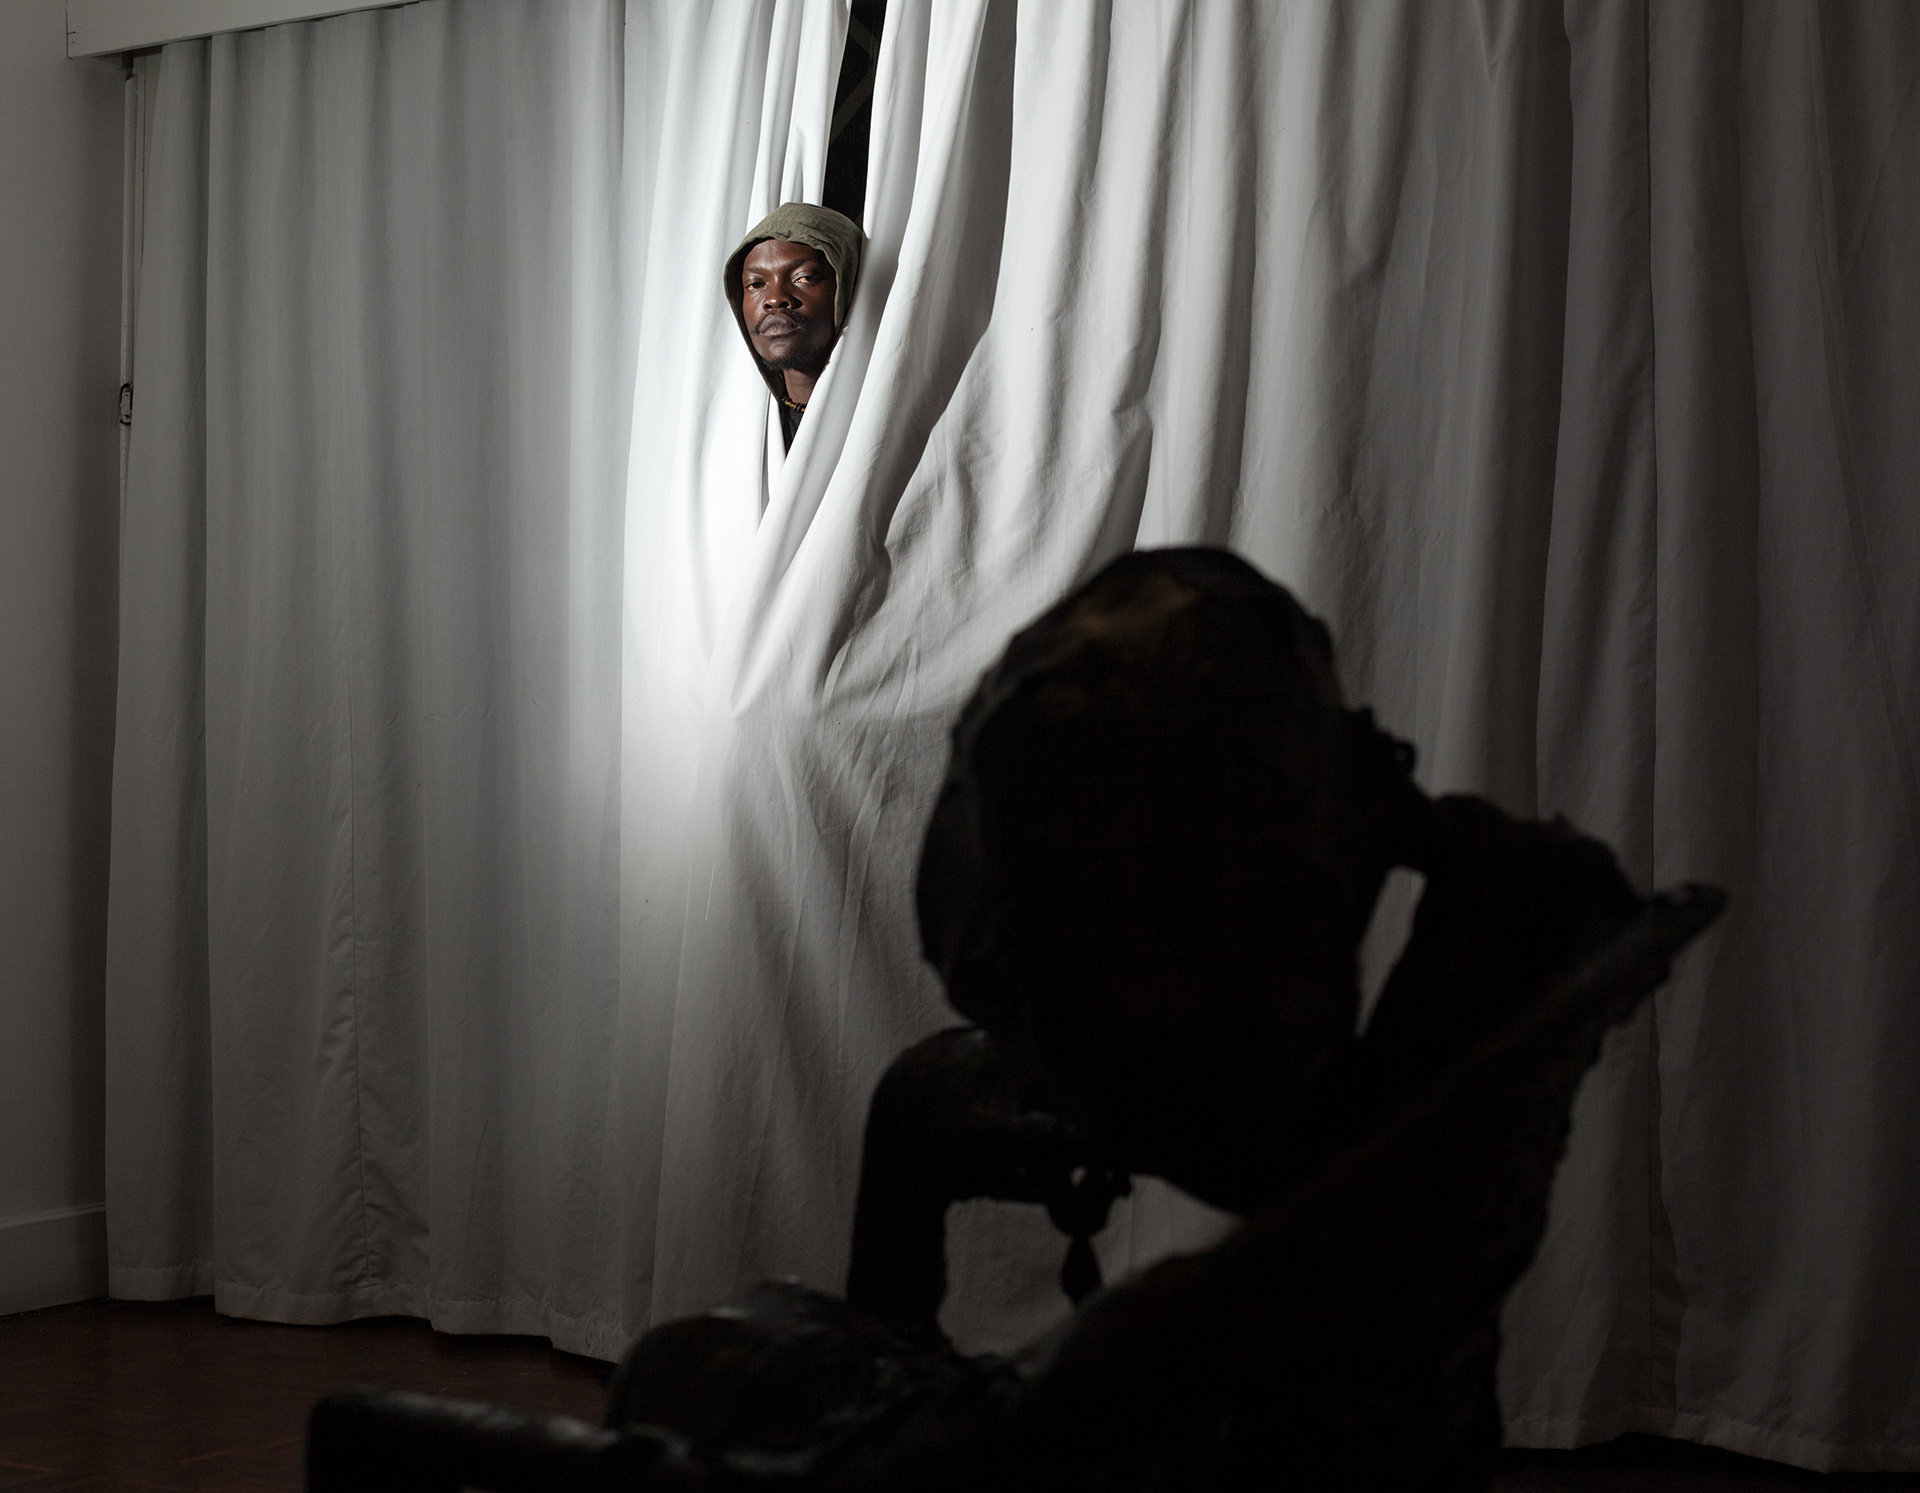 Der bildende Künstler Gor in seinem Ausstellungsraum im Kuona Trust Artcenter, in dem viele Künstler arbeiten und ihre Werke ausstellen.